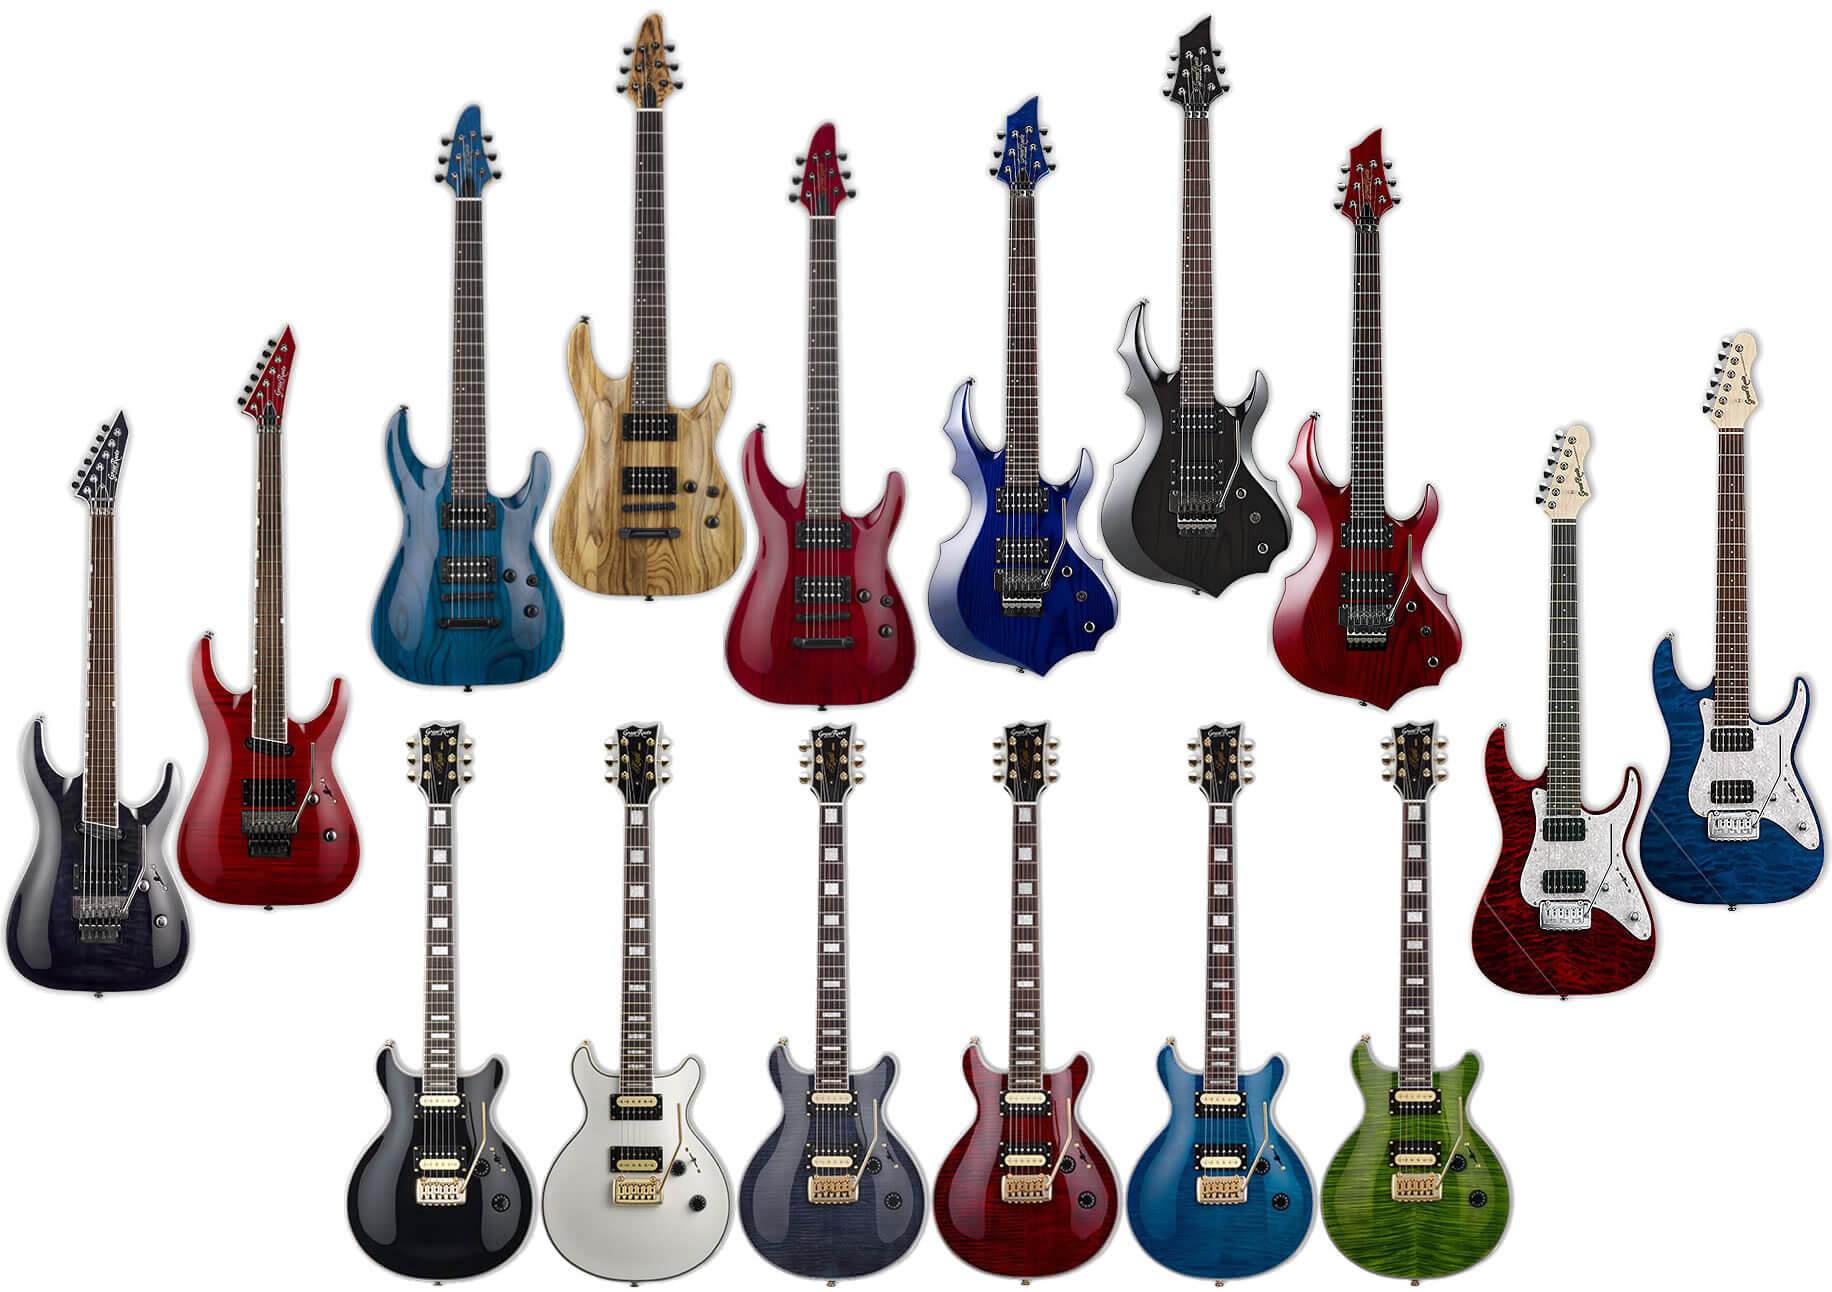 ルーツ ギター グラス グラスルーツの買取価格相場|中古ギターは、いくら位で売れるのか?